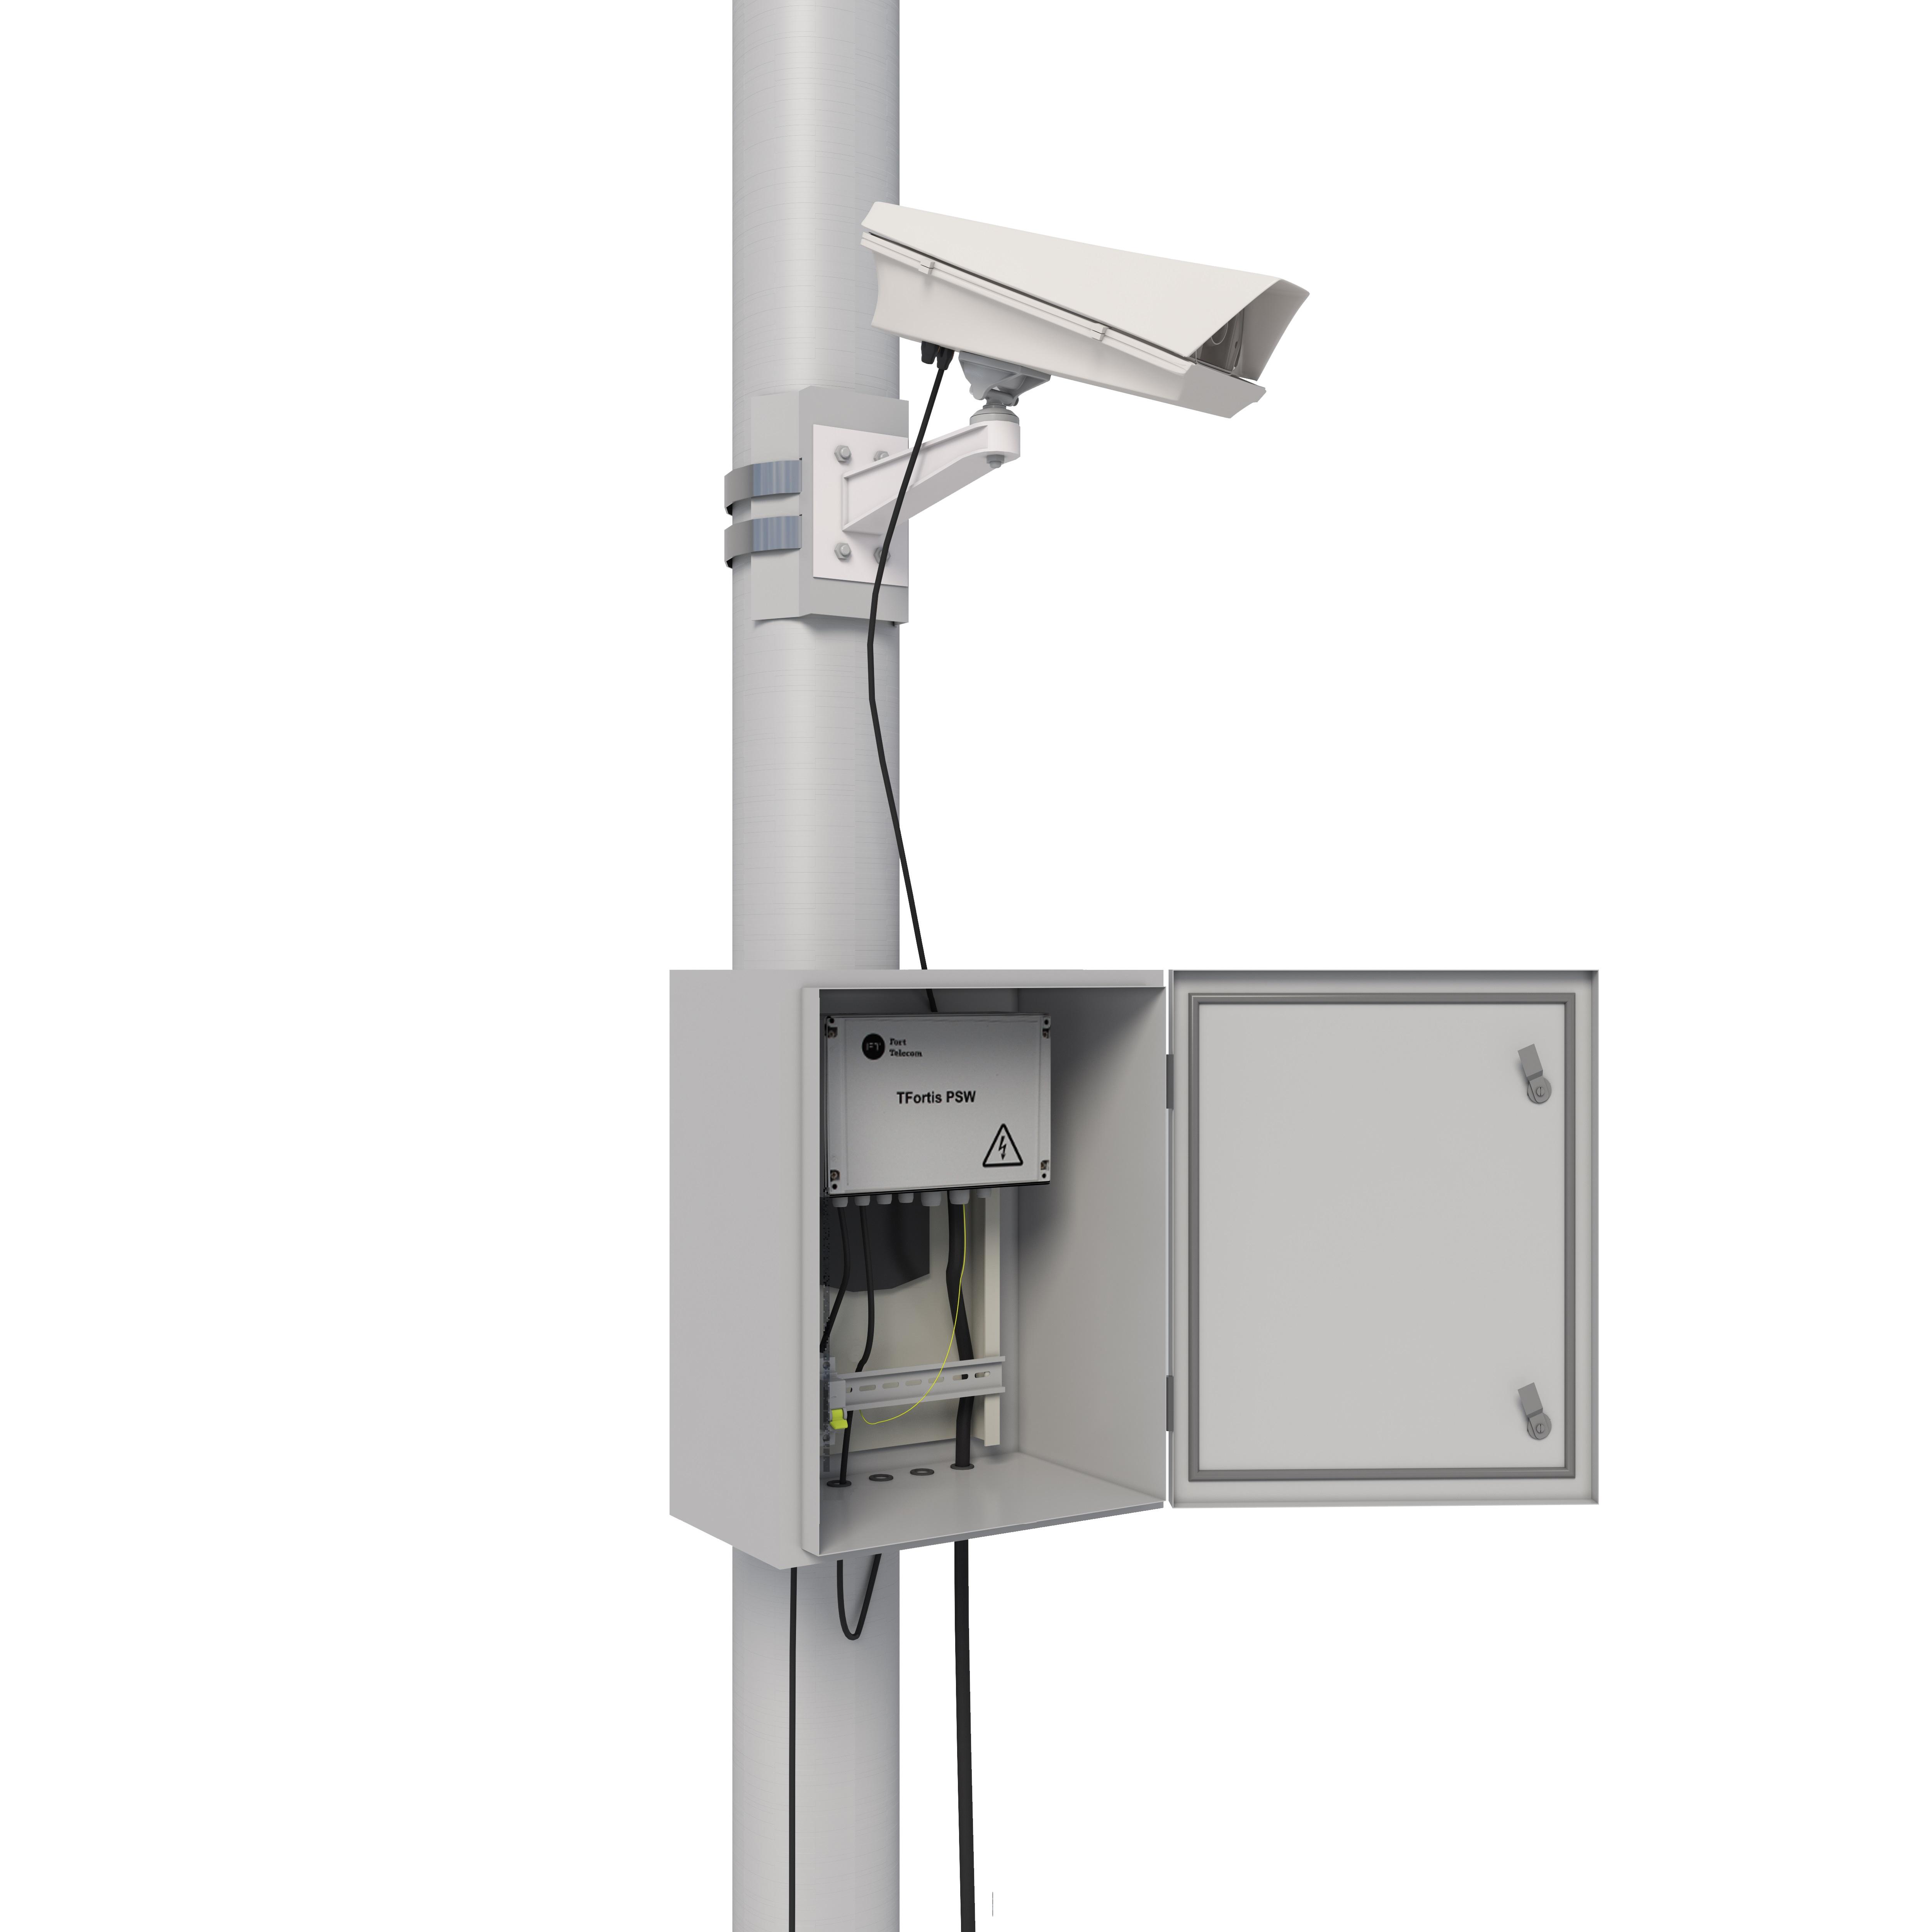 Визуализация системы видеонаблюдения